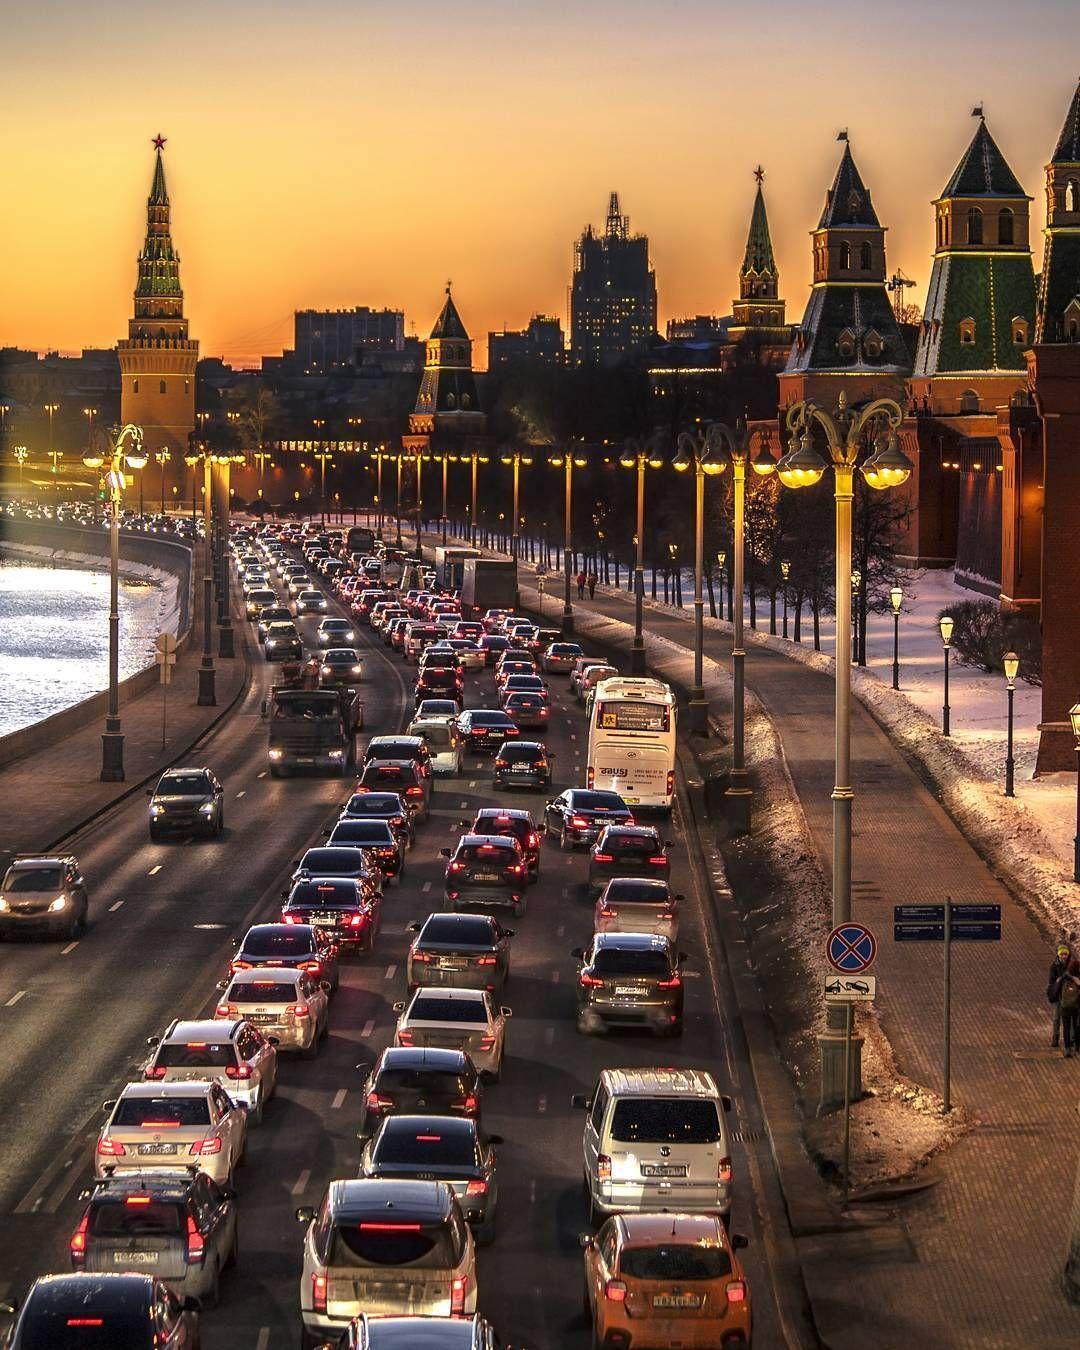 специалист, поэтому московские пробки фото этой программе теперь